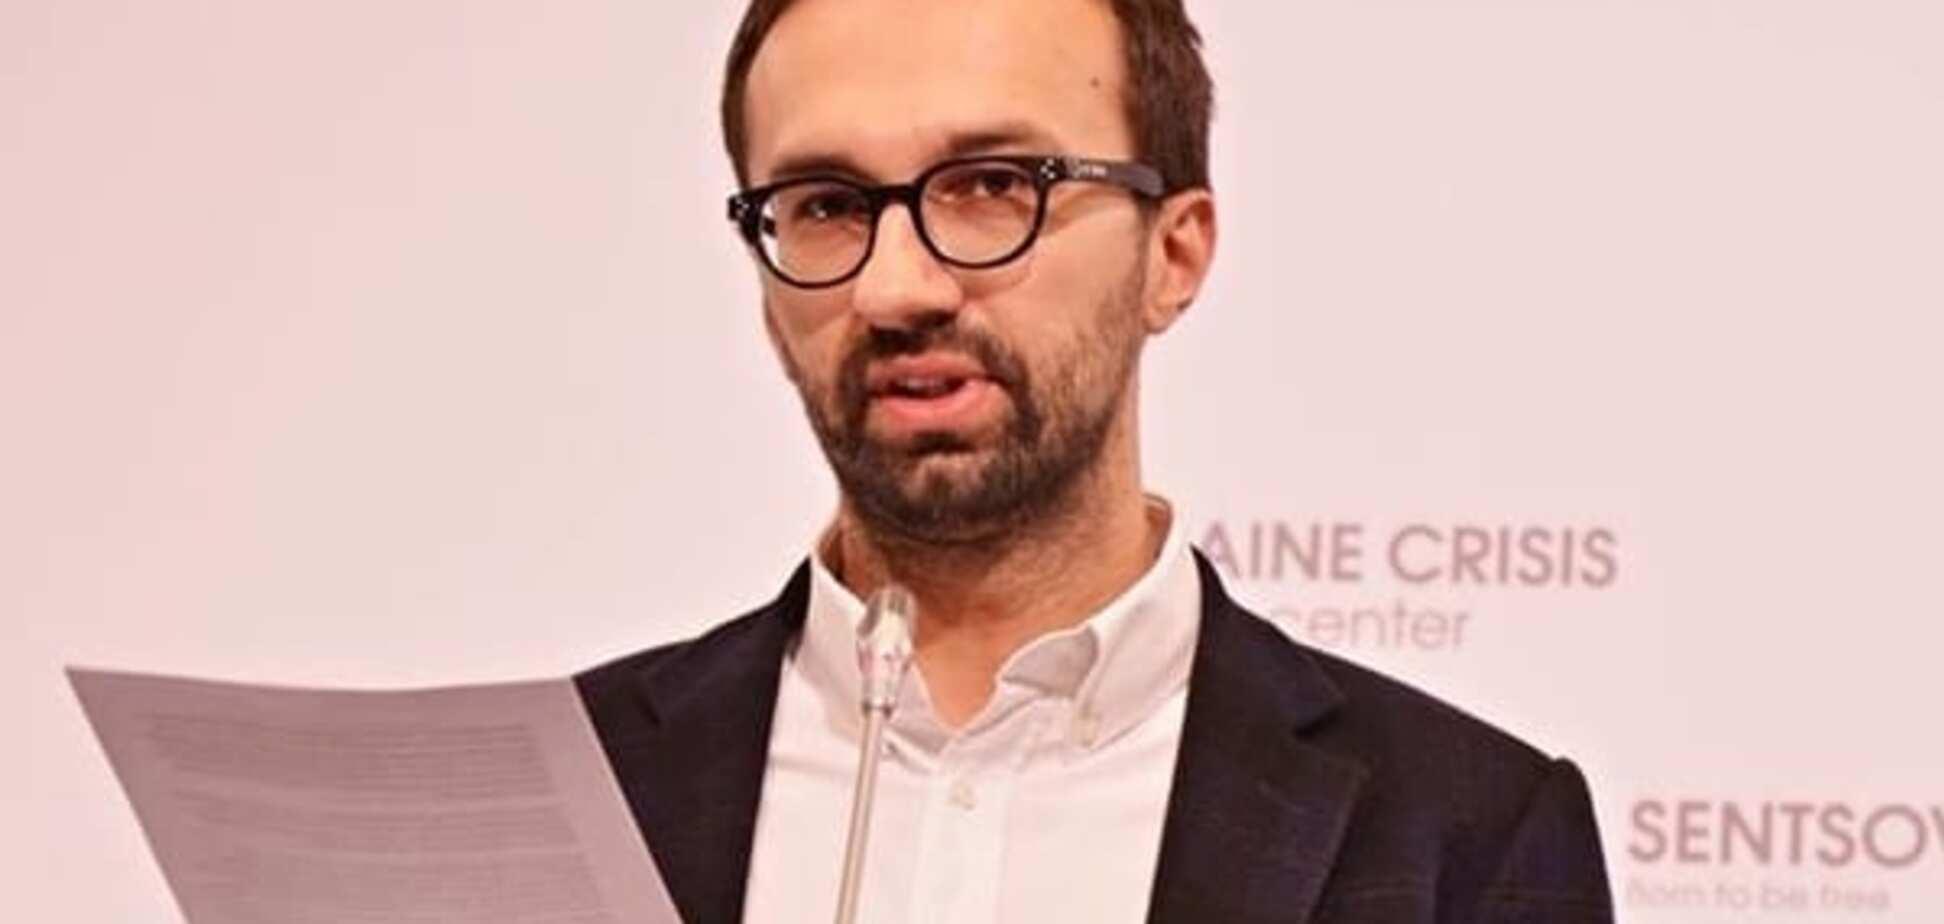 Погрози з 'фронту': Лещенко назвав імена тих, кому перешкодили його викриття